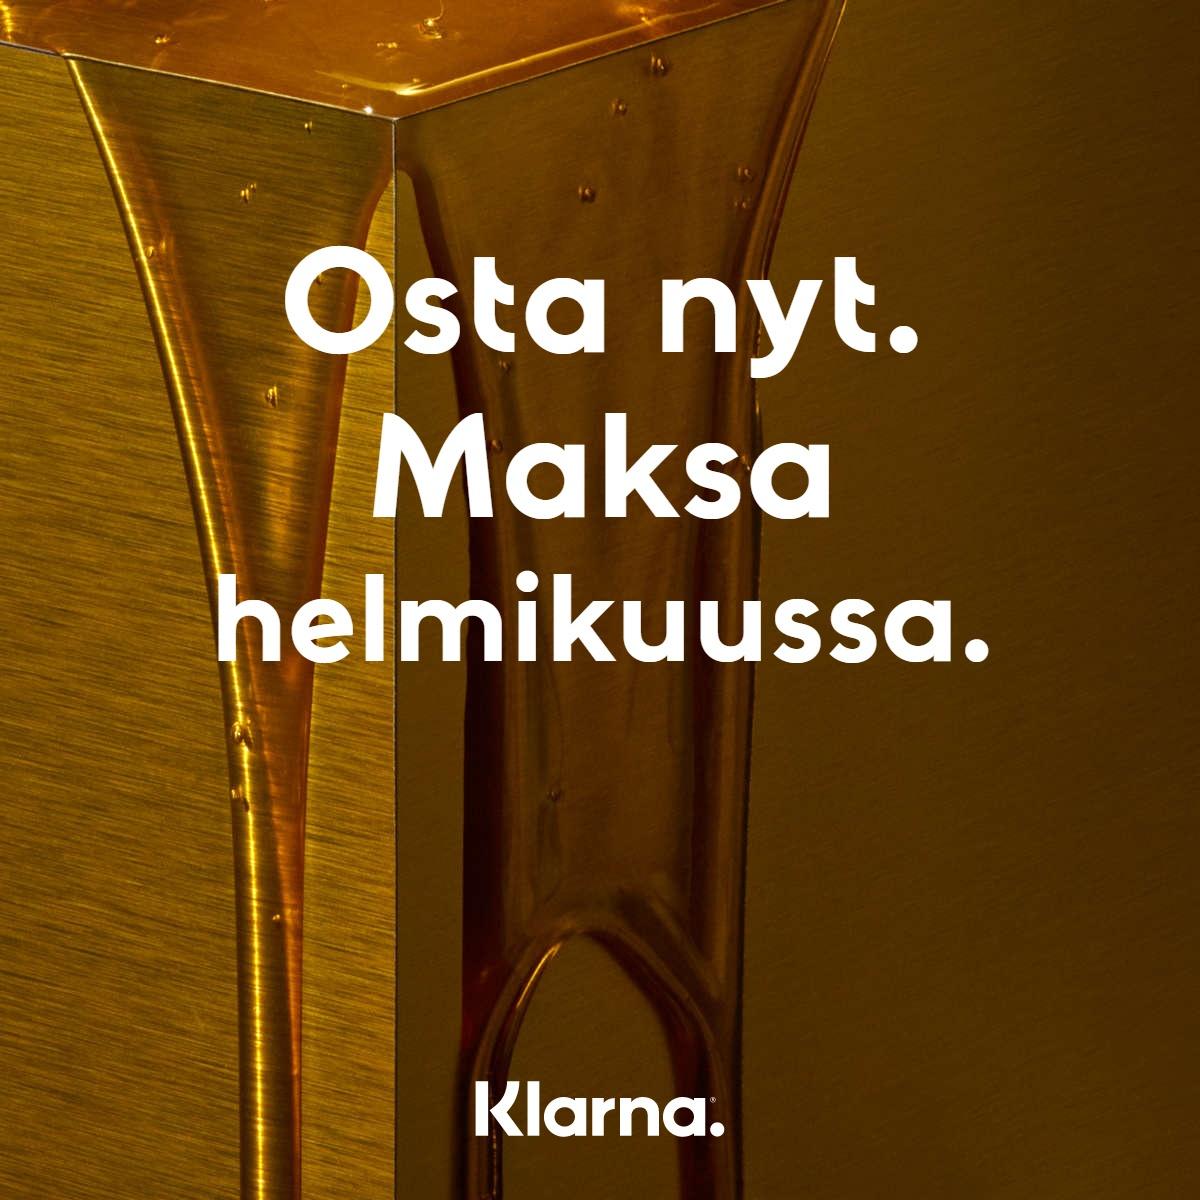 klarna__finnish_1200_x_1200_01